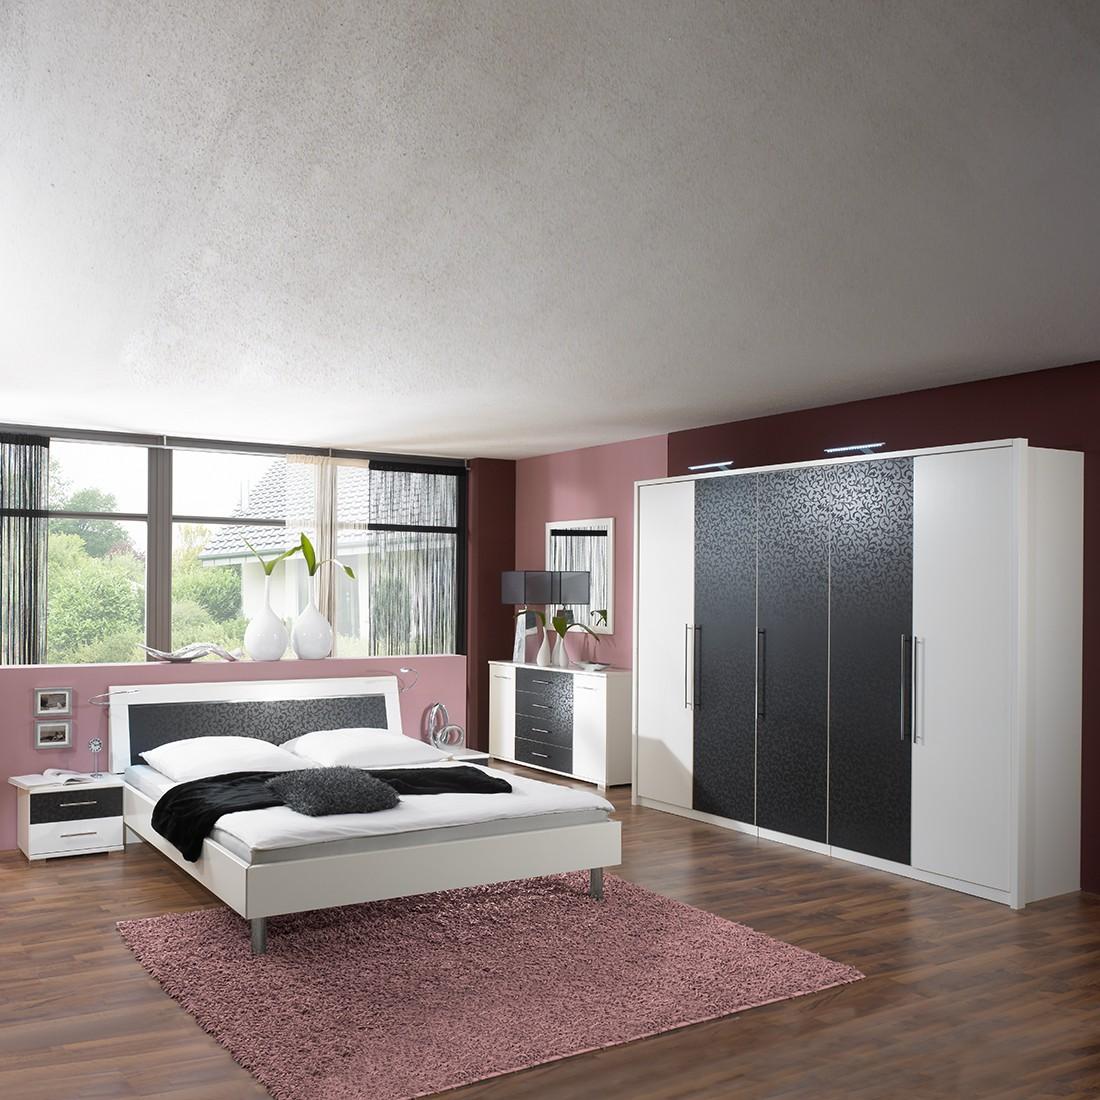 Schlafzimmermöbel Set Zara (4-teilig) – Weiß/Schwarz – Bett, Drehtürenschrank & zwei Nachtschränke – Liegefläche: 140 x 200 cm, Franco Möbel online kaufen